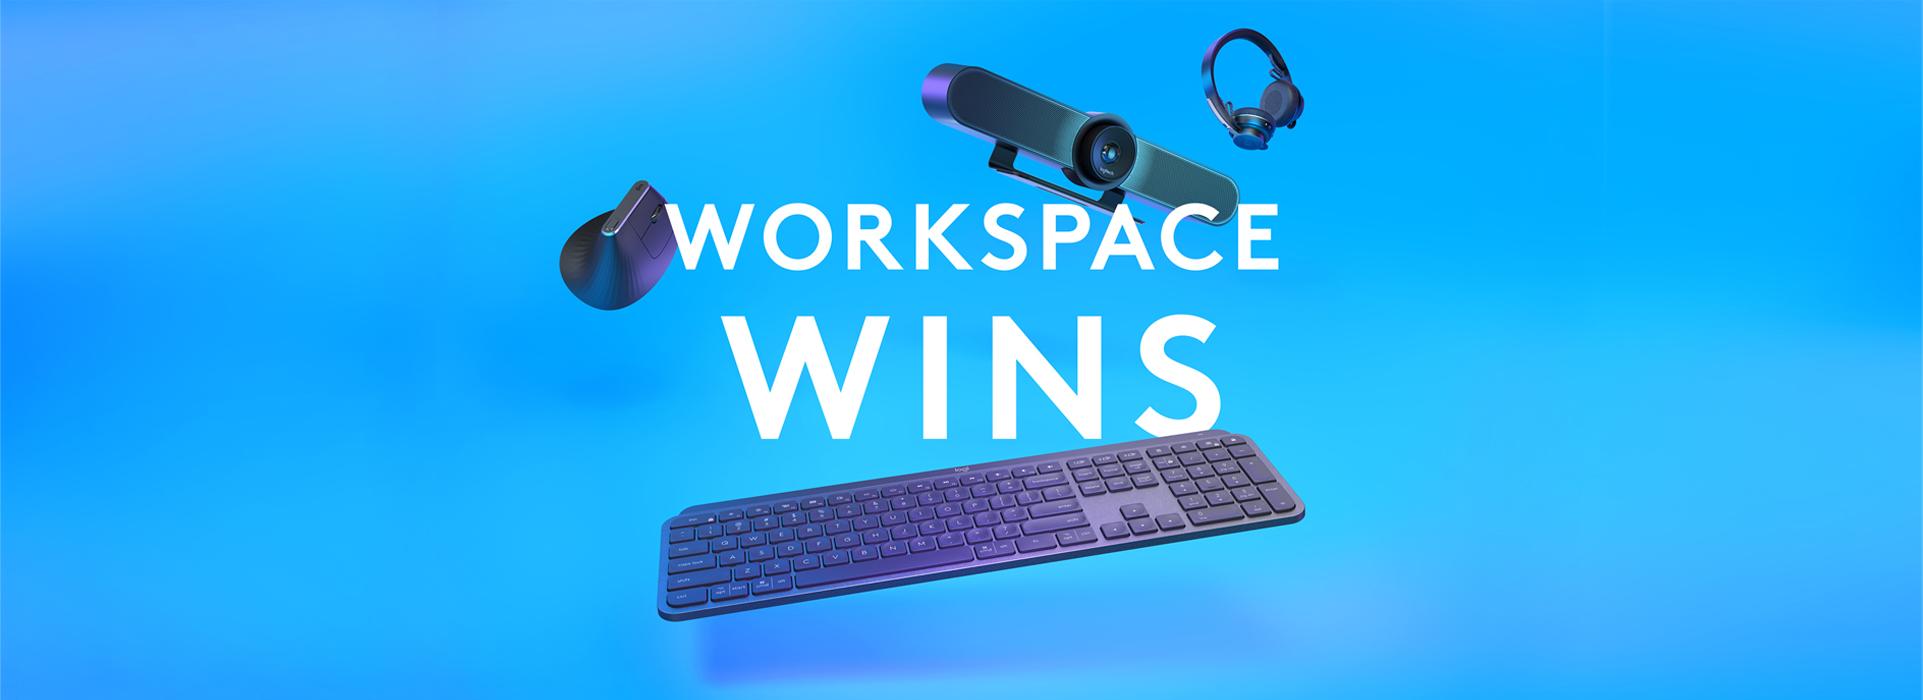 Logitech Workspace Wins - Arkphire remote working